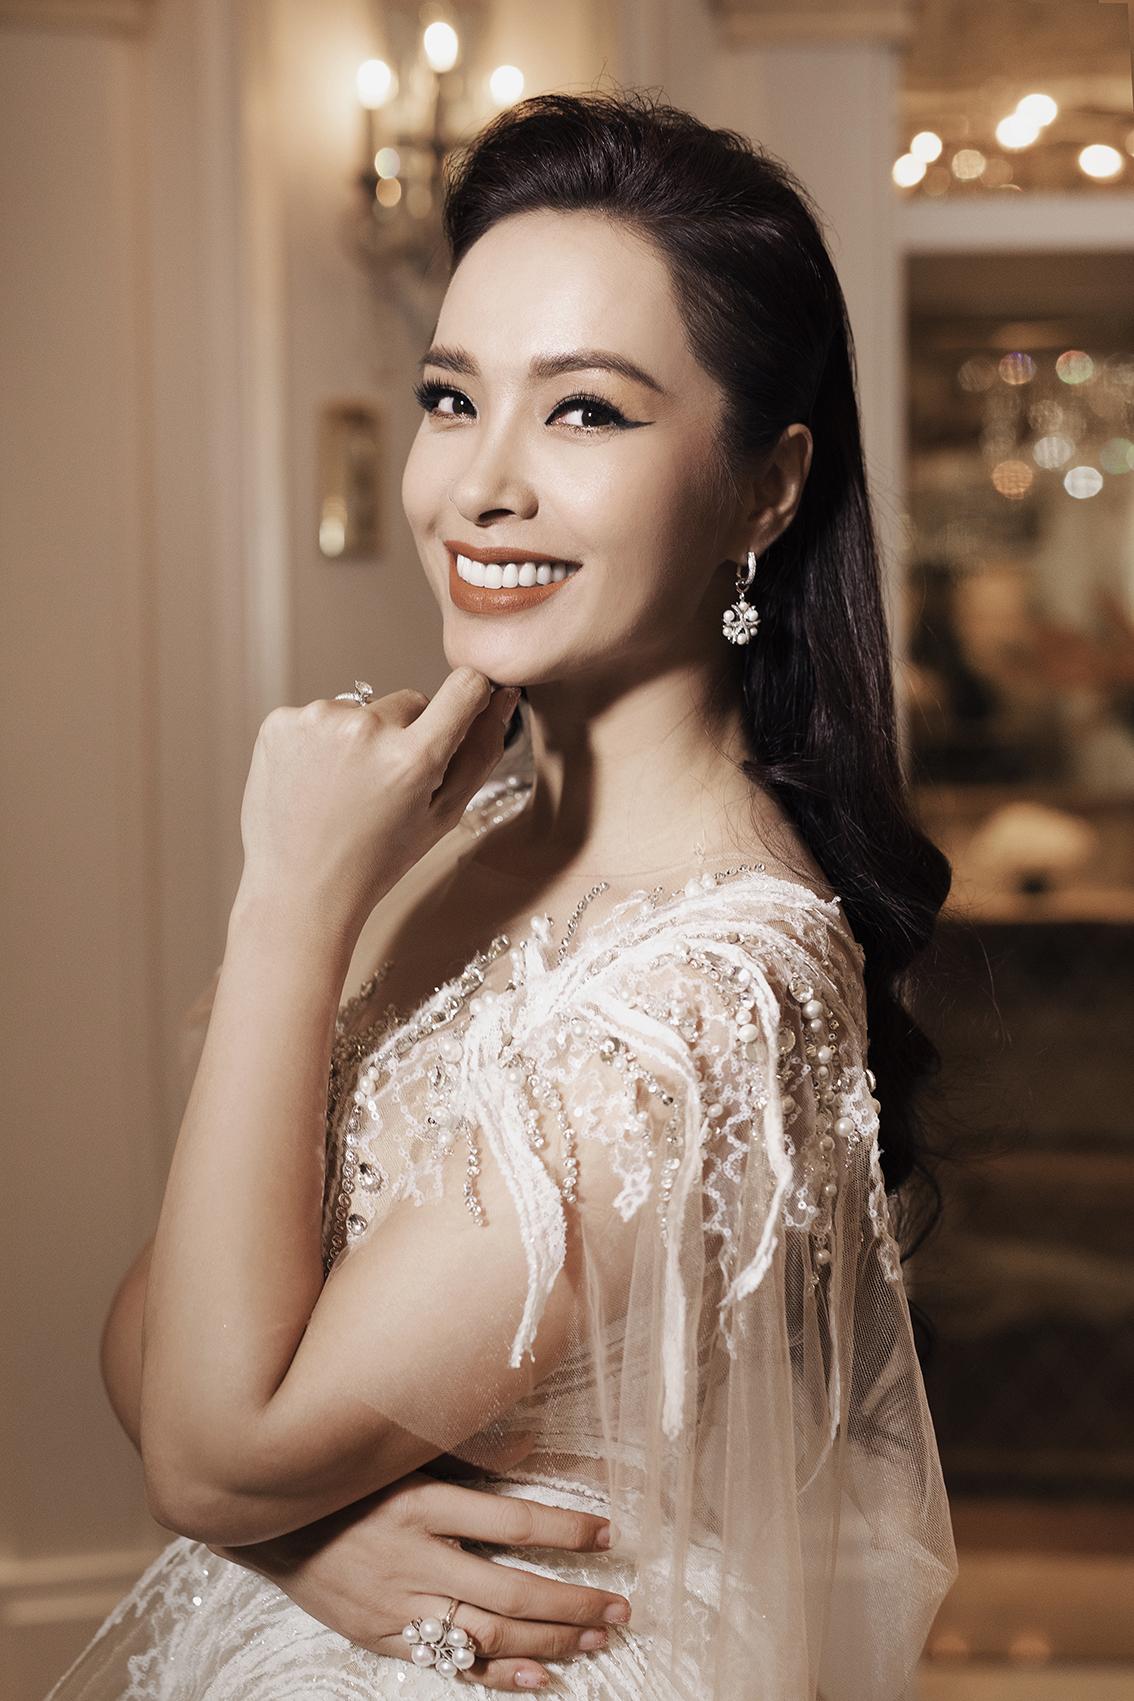 Với gương mặt phúc hậu, nụ cười an yên, Thúy Hạnh mang nét đẹp của người phụ nữ hạnh phúc viên mãn, cô luôn truyền tải những nguồn cảm hứng tích cực trong cuộc sống tới phái đẹp.